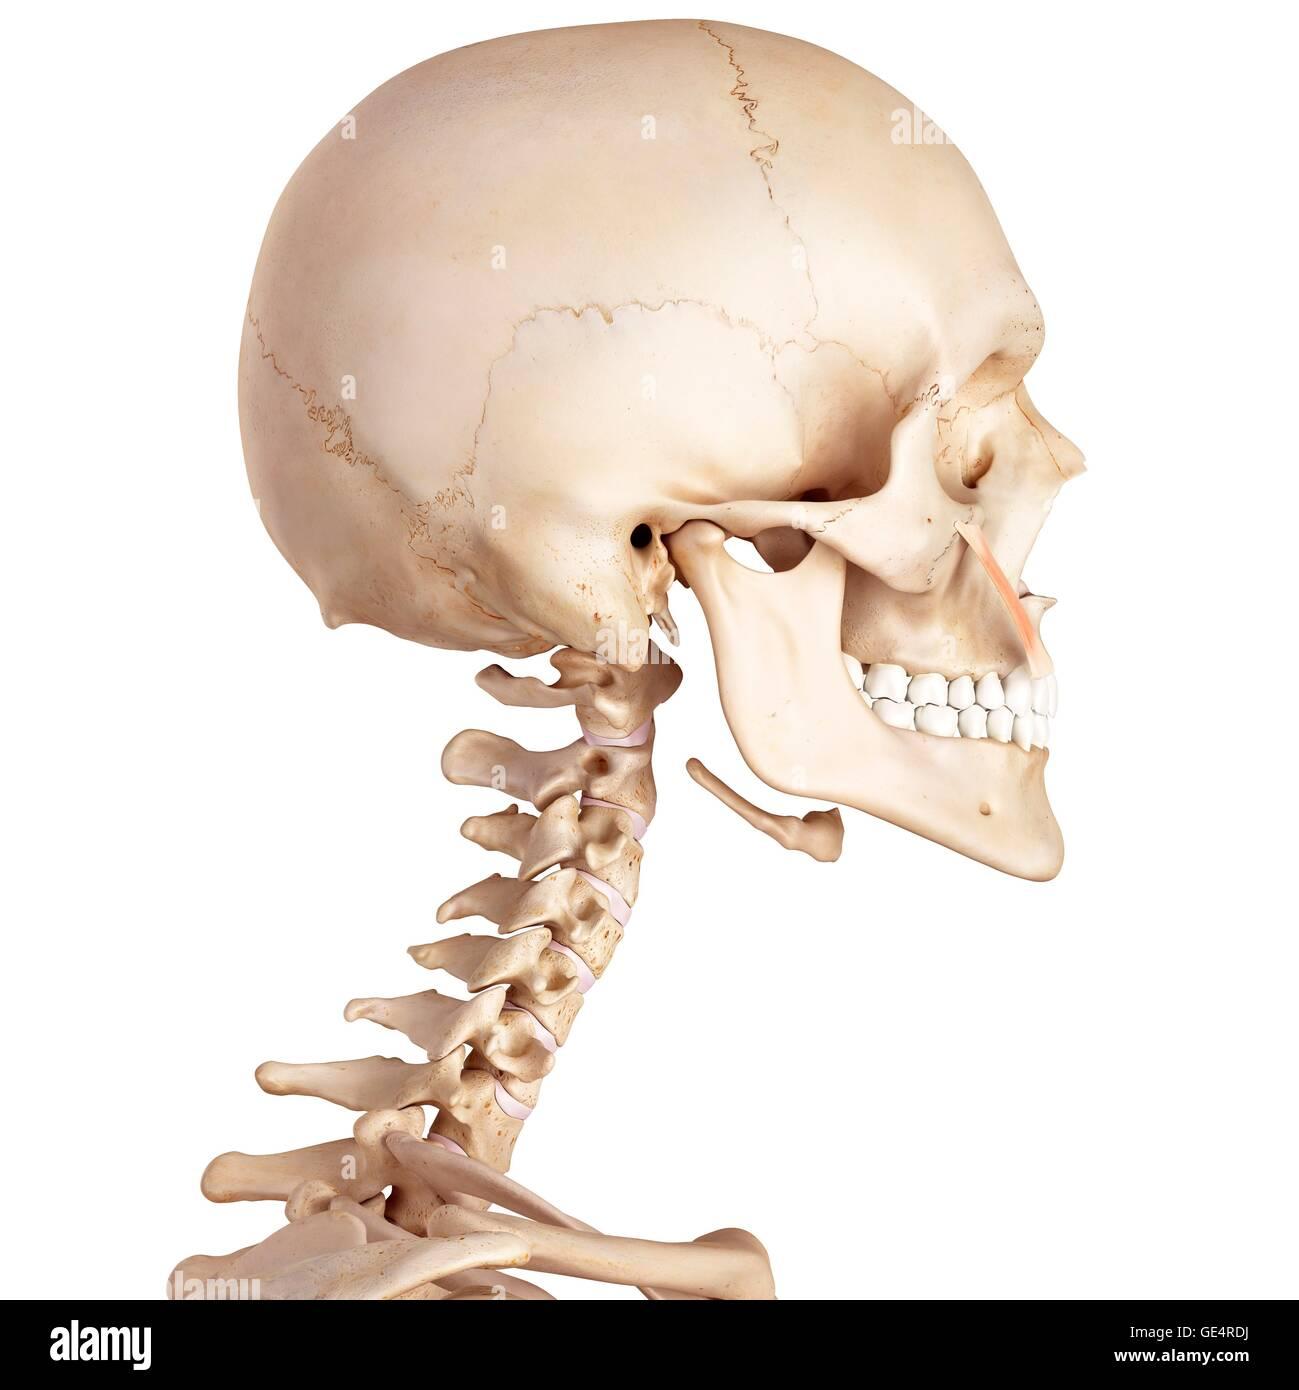 Großartig Anatomie Tierzelle Bilder - Anatomie Ideen - finotti.info